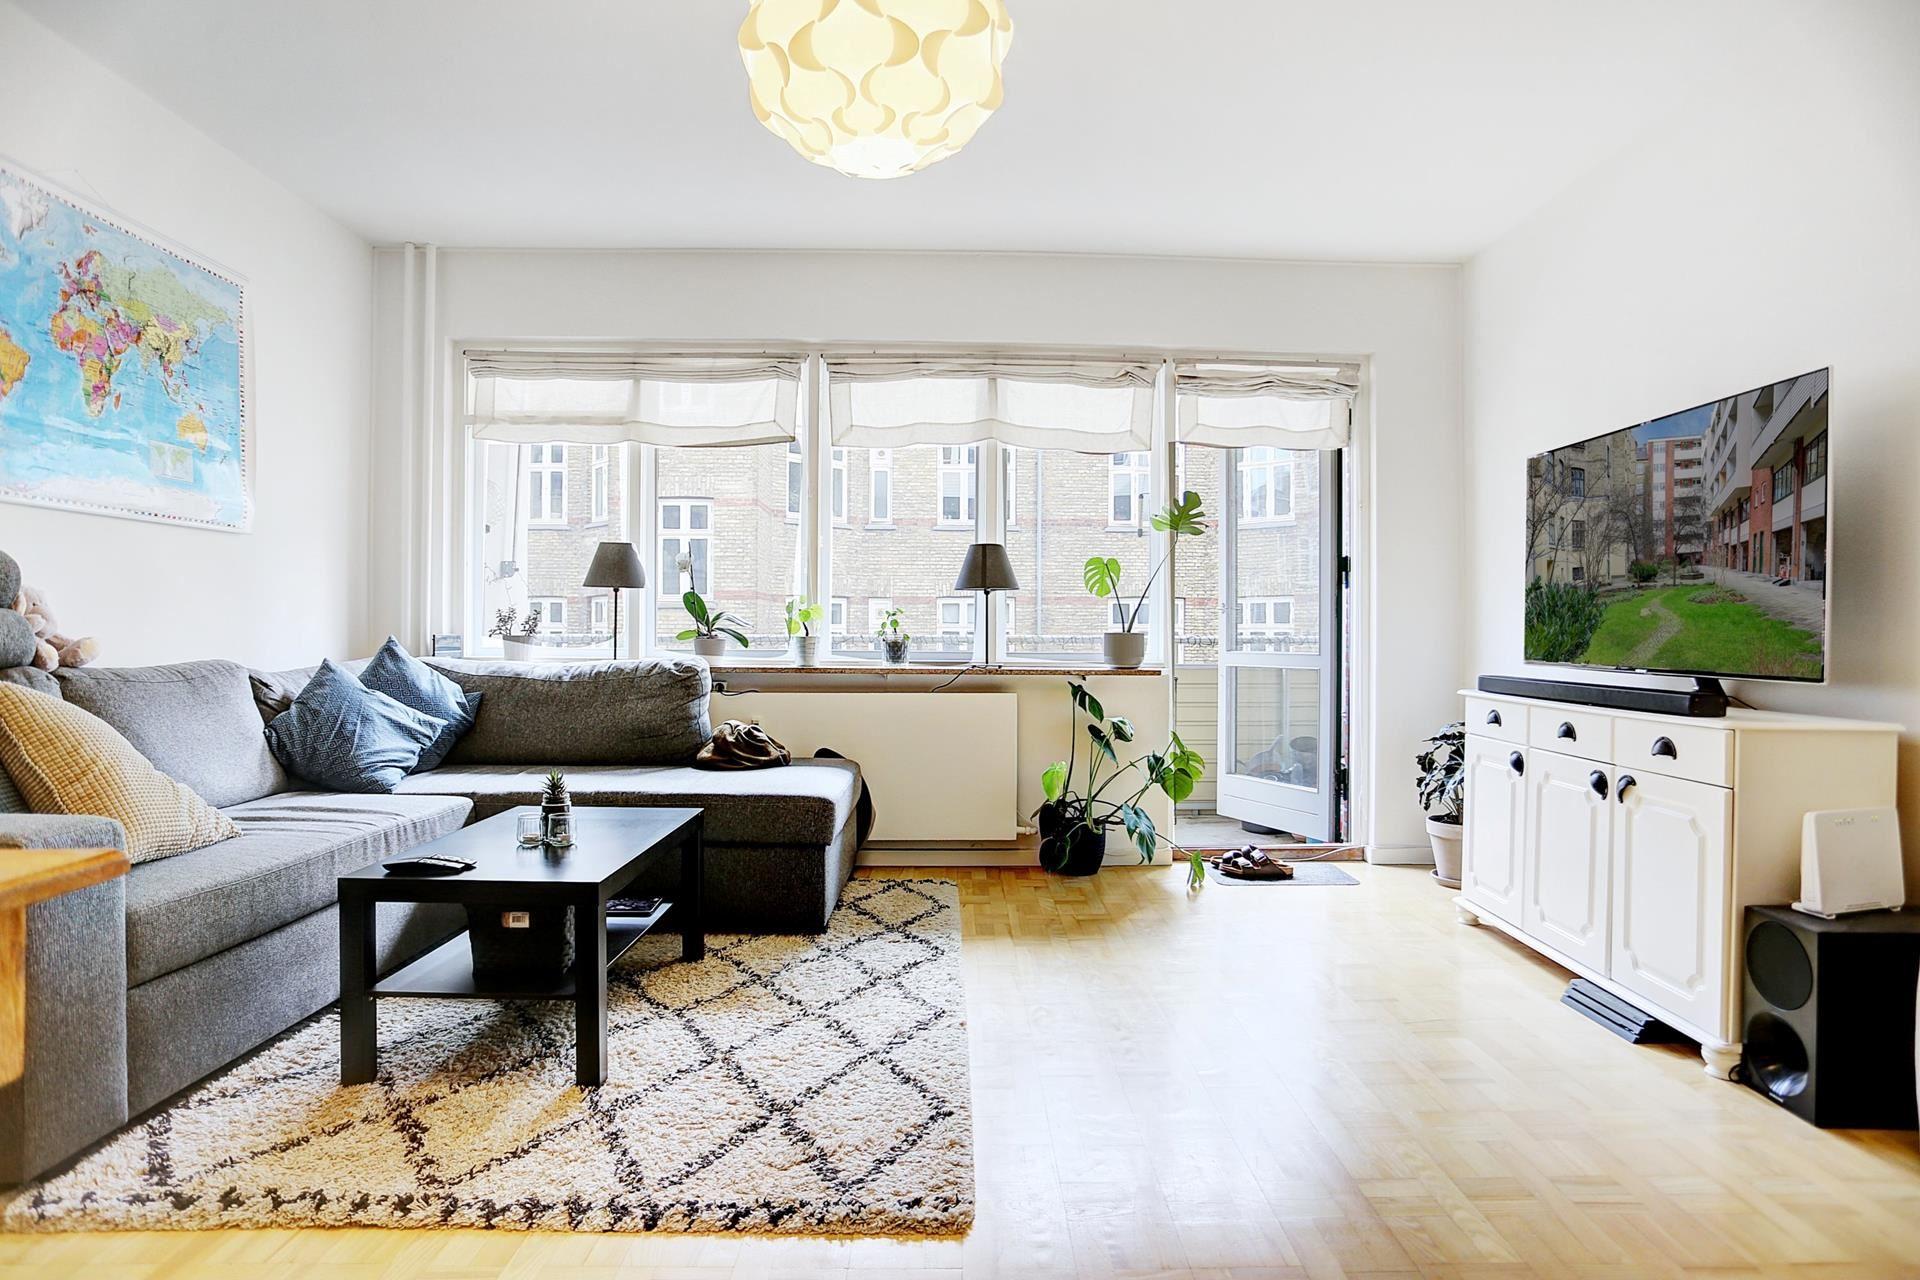 Korsørgade 8 3 1, 2100 København Ø